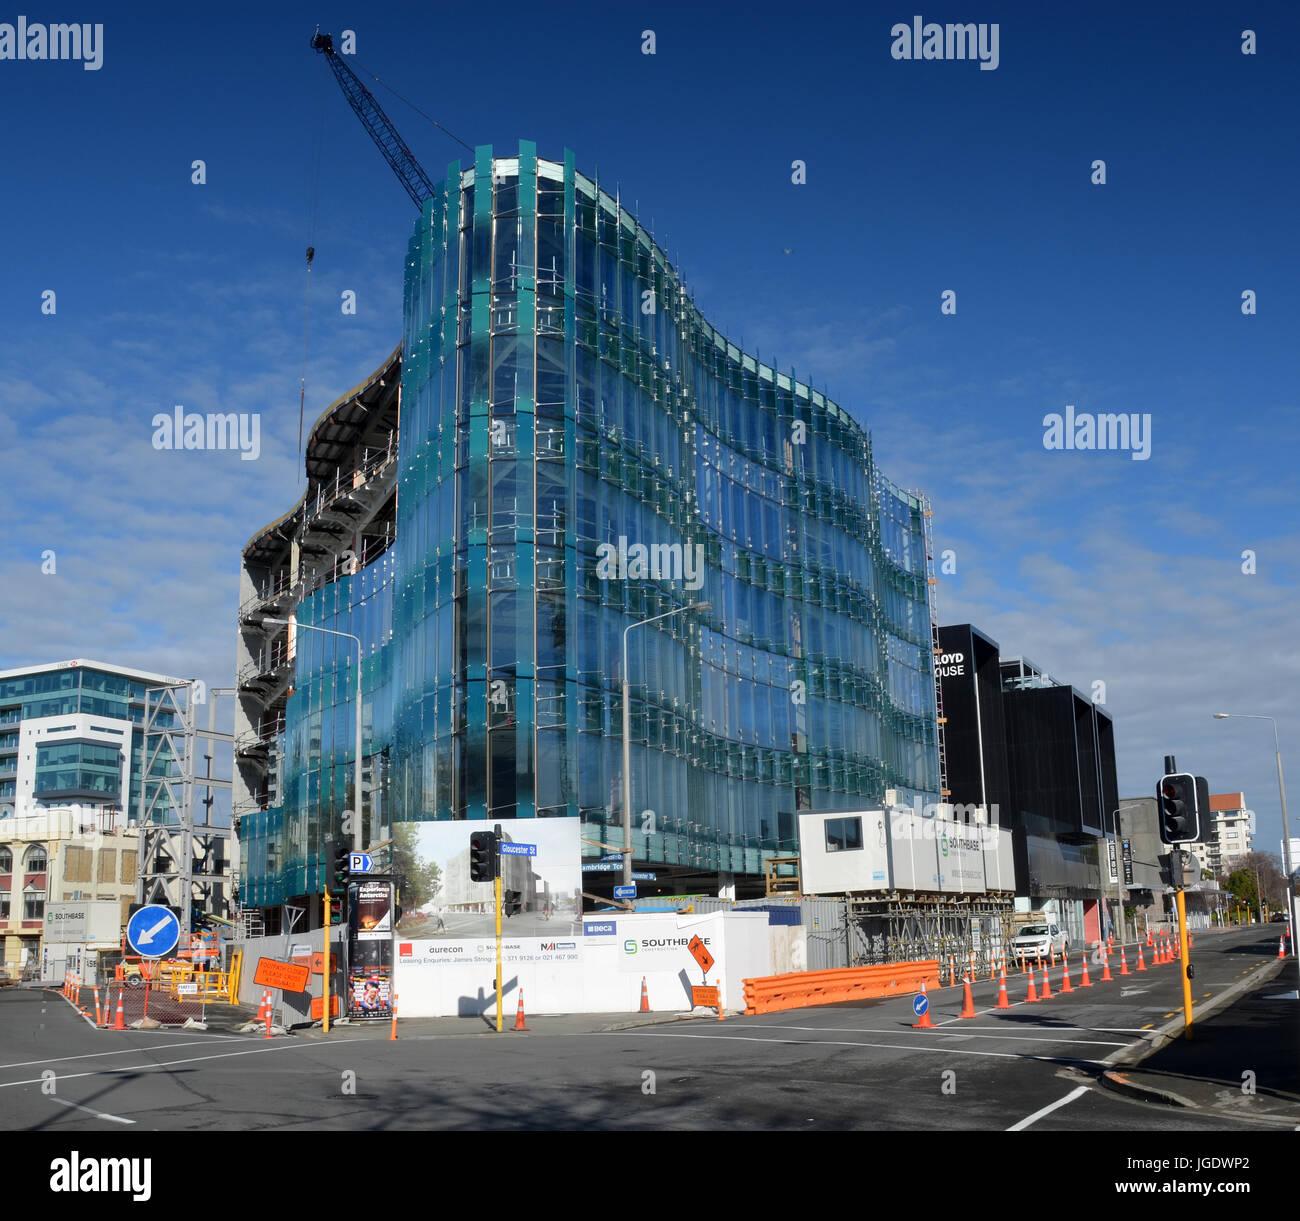 Christchurch, Nuova Zelanda - 13 Settembre 2014: 151 Cambridge Terrace vetro innovativo Edificio per uffici si avvicina Immagini Stock